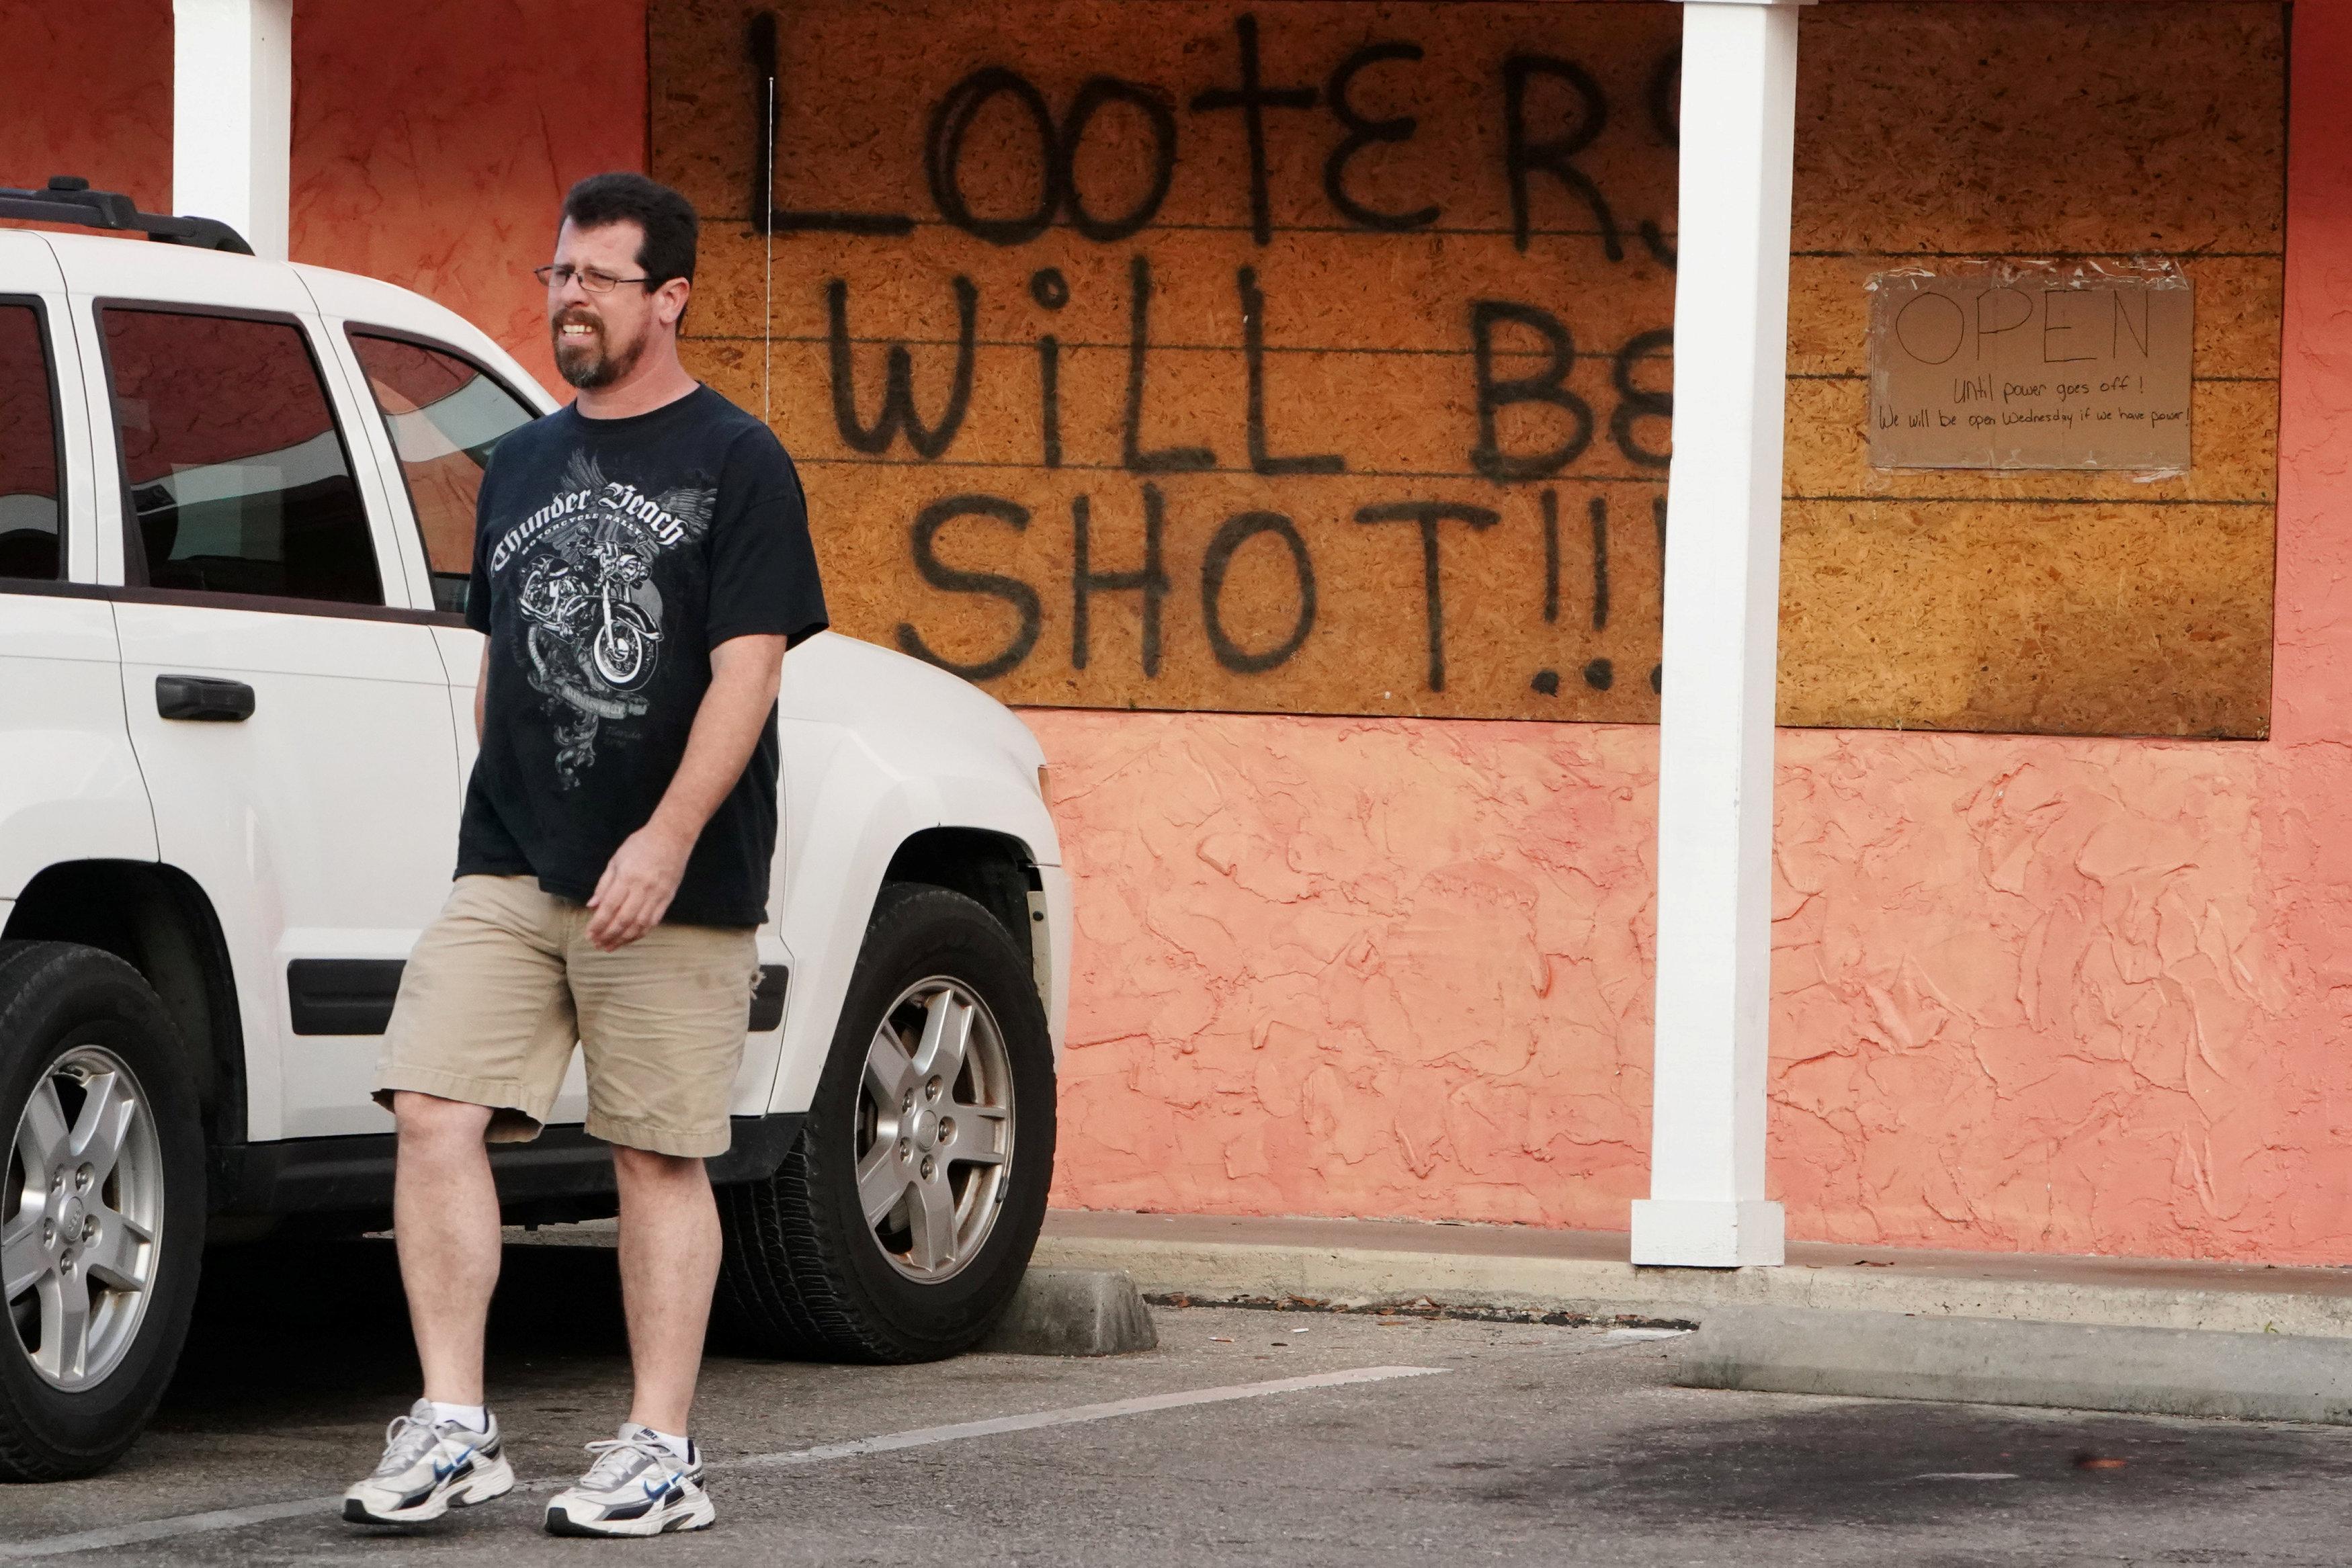 """""""Los saqueadores serán baleados"""" dice el cartel en una tienda en Carrabelle, Florida"""